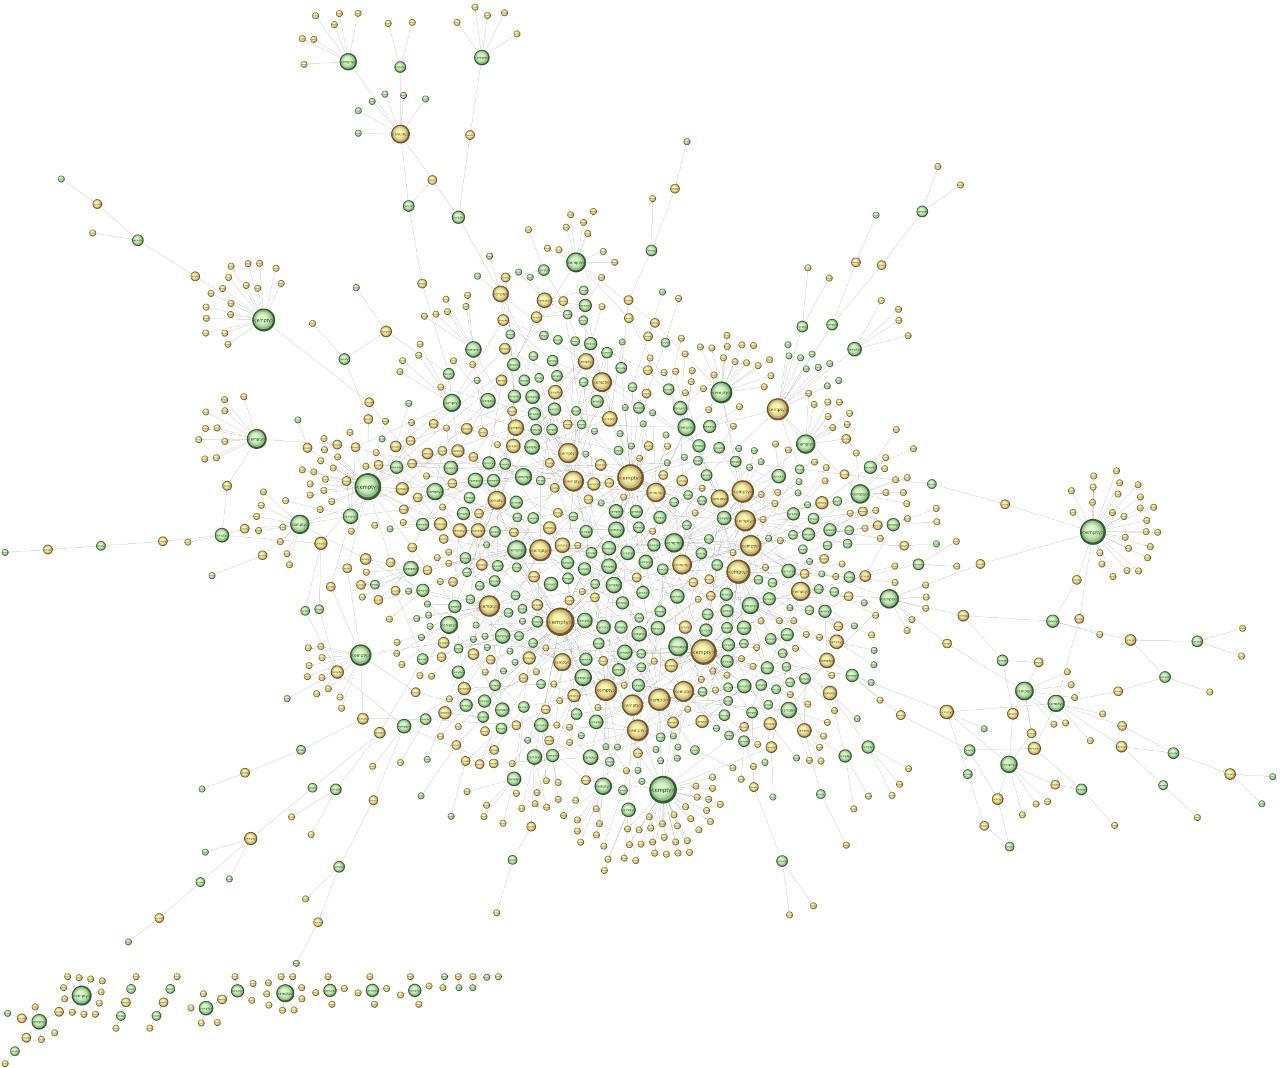 Этот график помогает понять, как вычислили мошенников: жёлтым цветом здесь IP-адреса, зелёным аккаунты. Видно, что некоторые аккаунты управлялись с одних адресов.